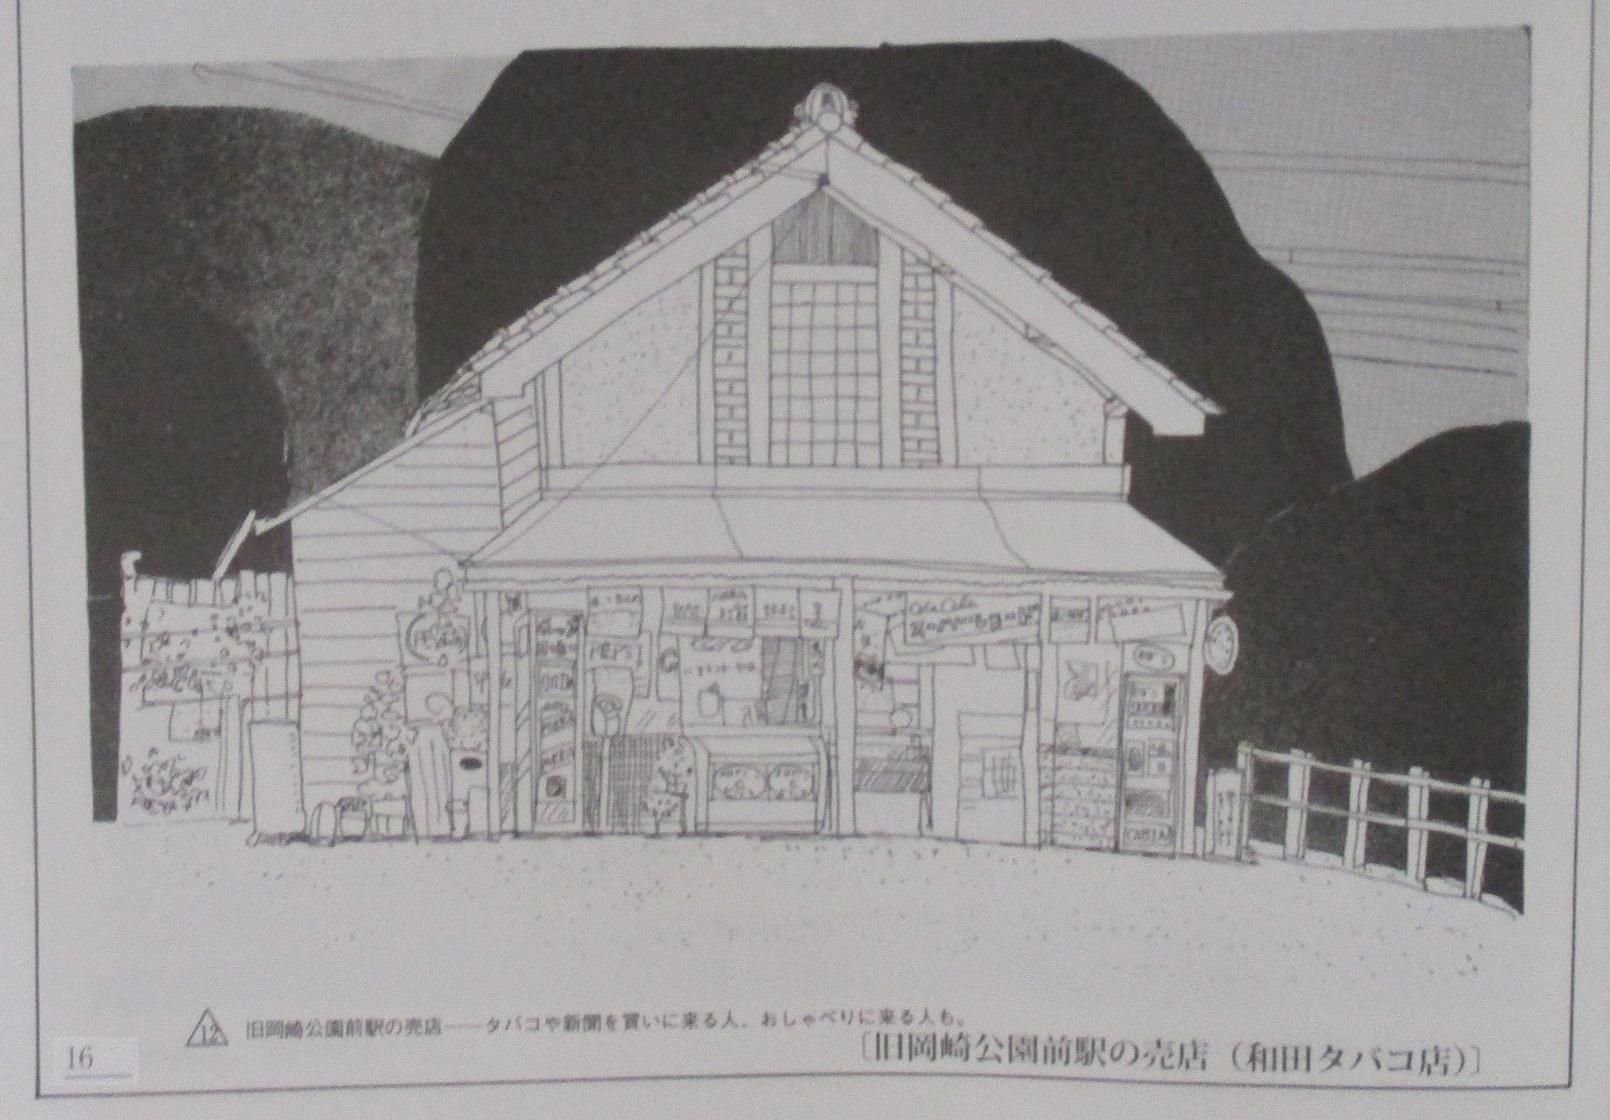 2020.3.17 (23) 旧岡崎公園前駅の売店(和田たばこ店) 1610-1120